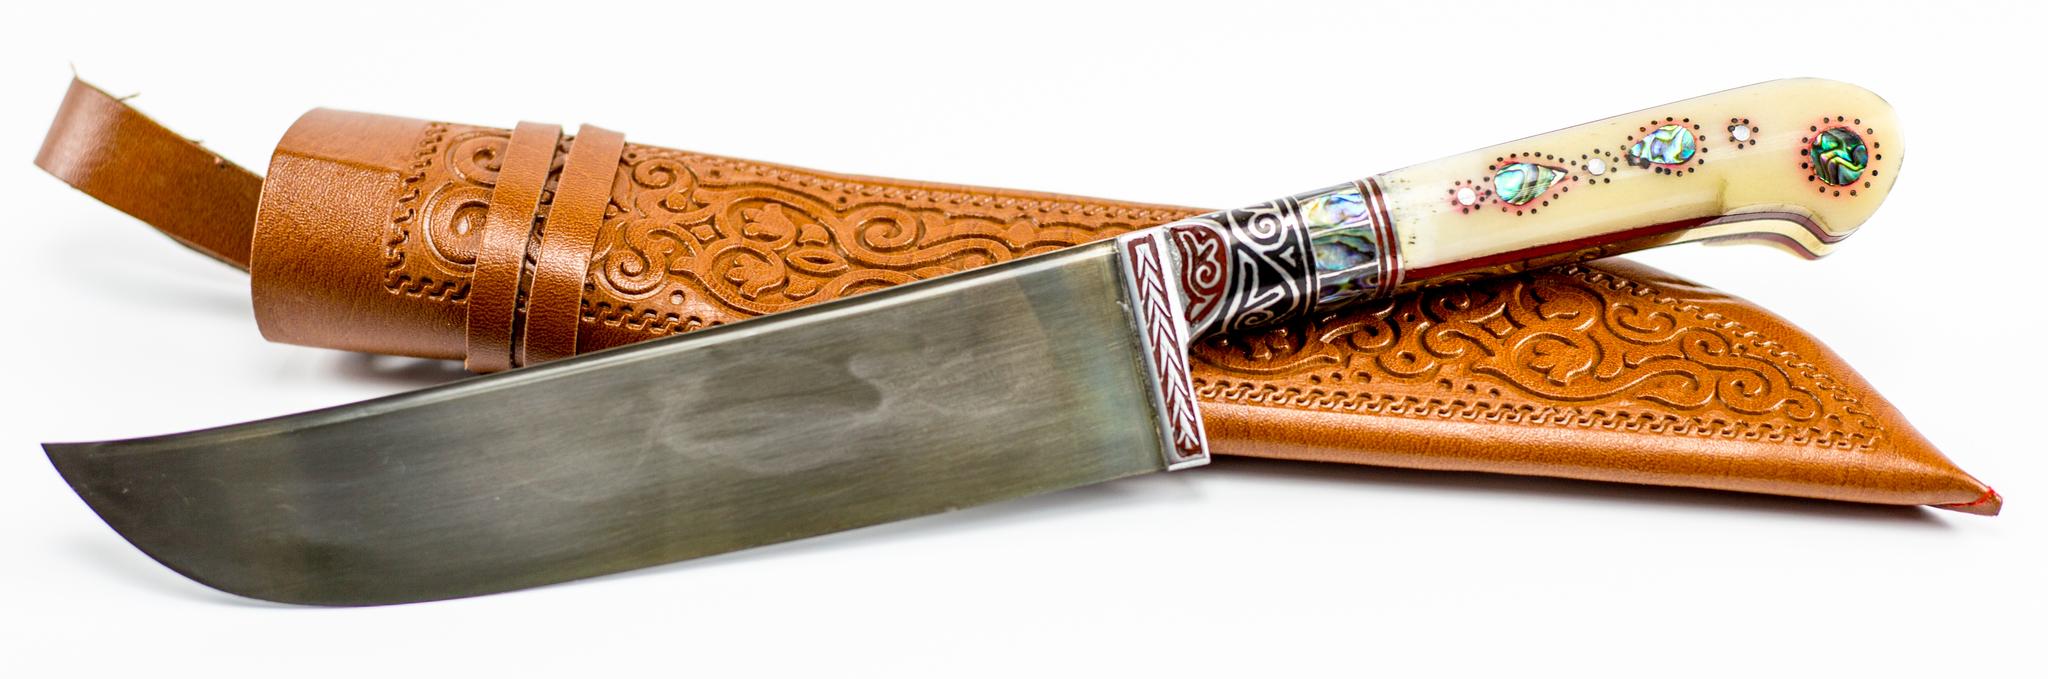 Узбекский нож пчак МангитУзбекские ножи Пчак<br><br>